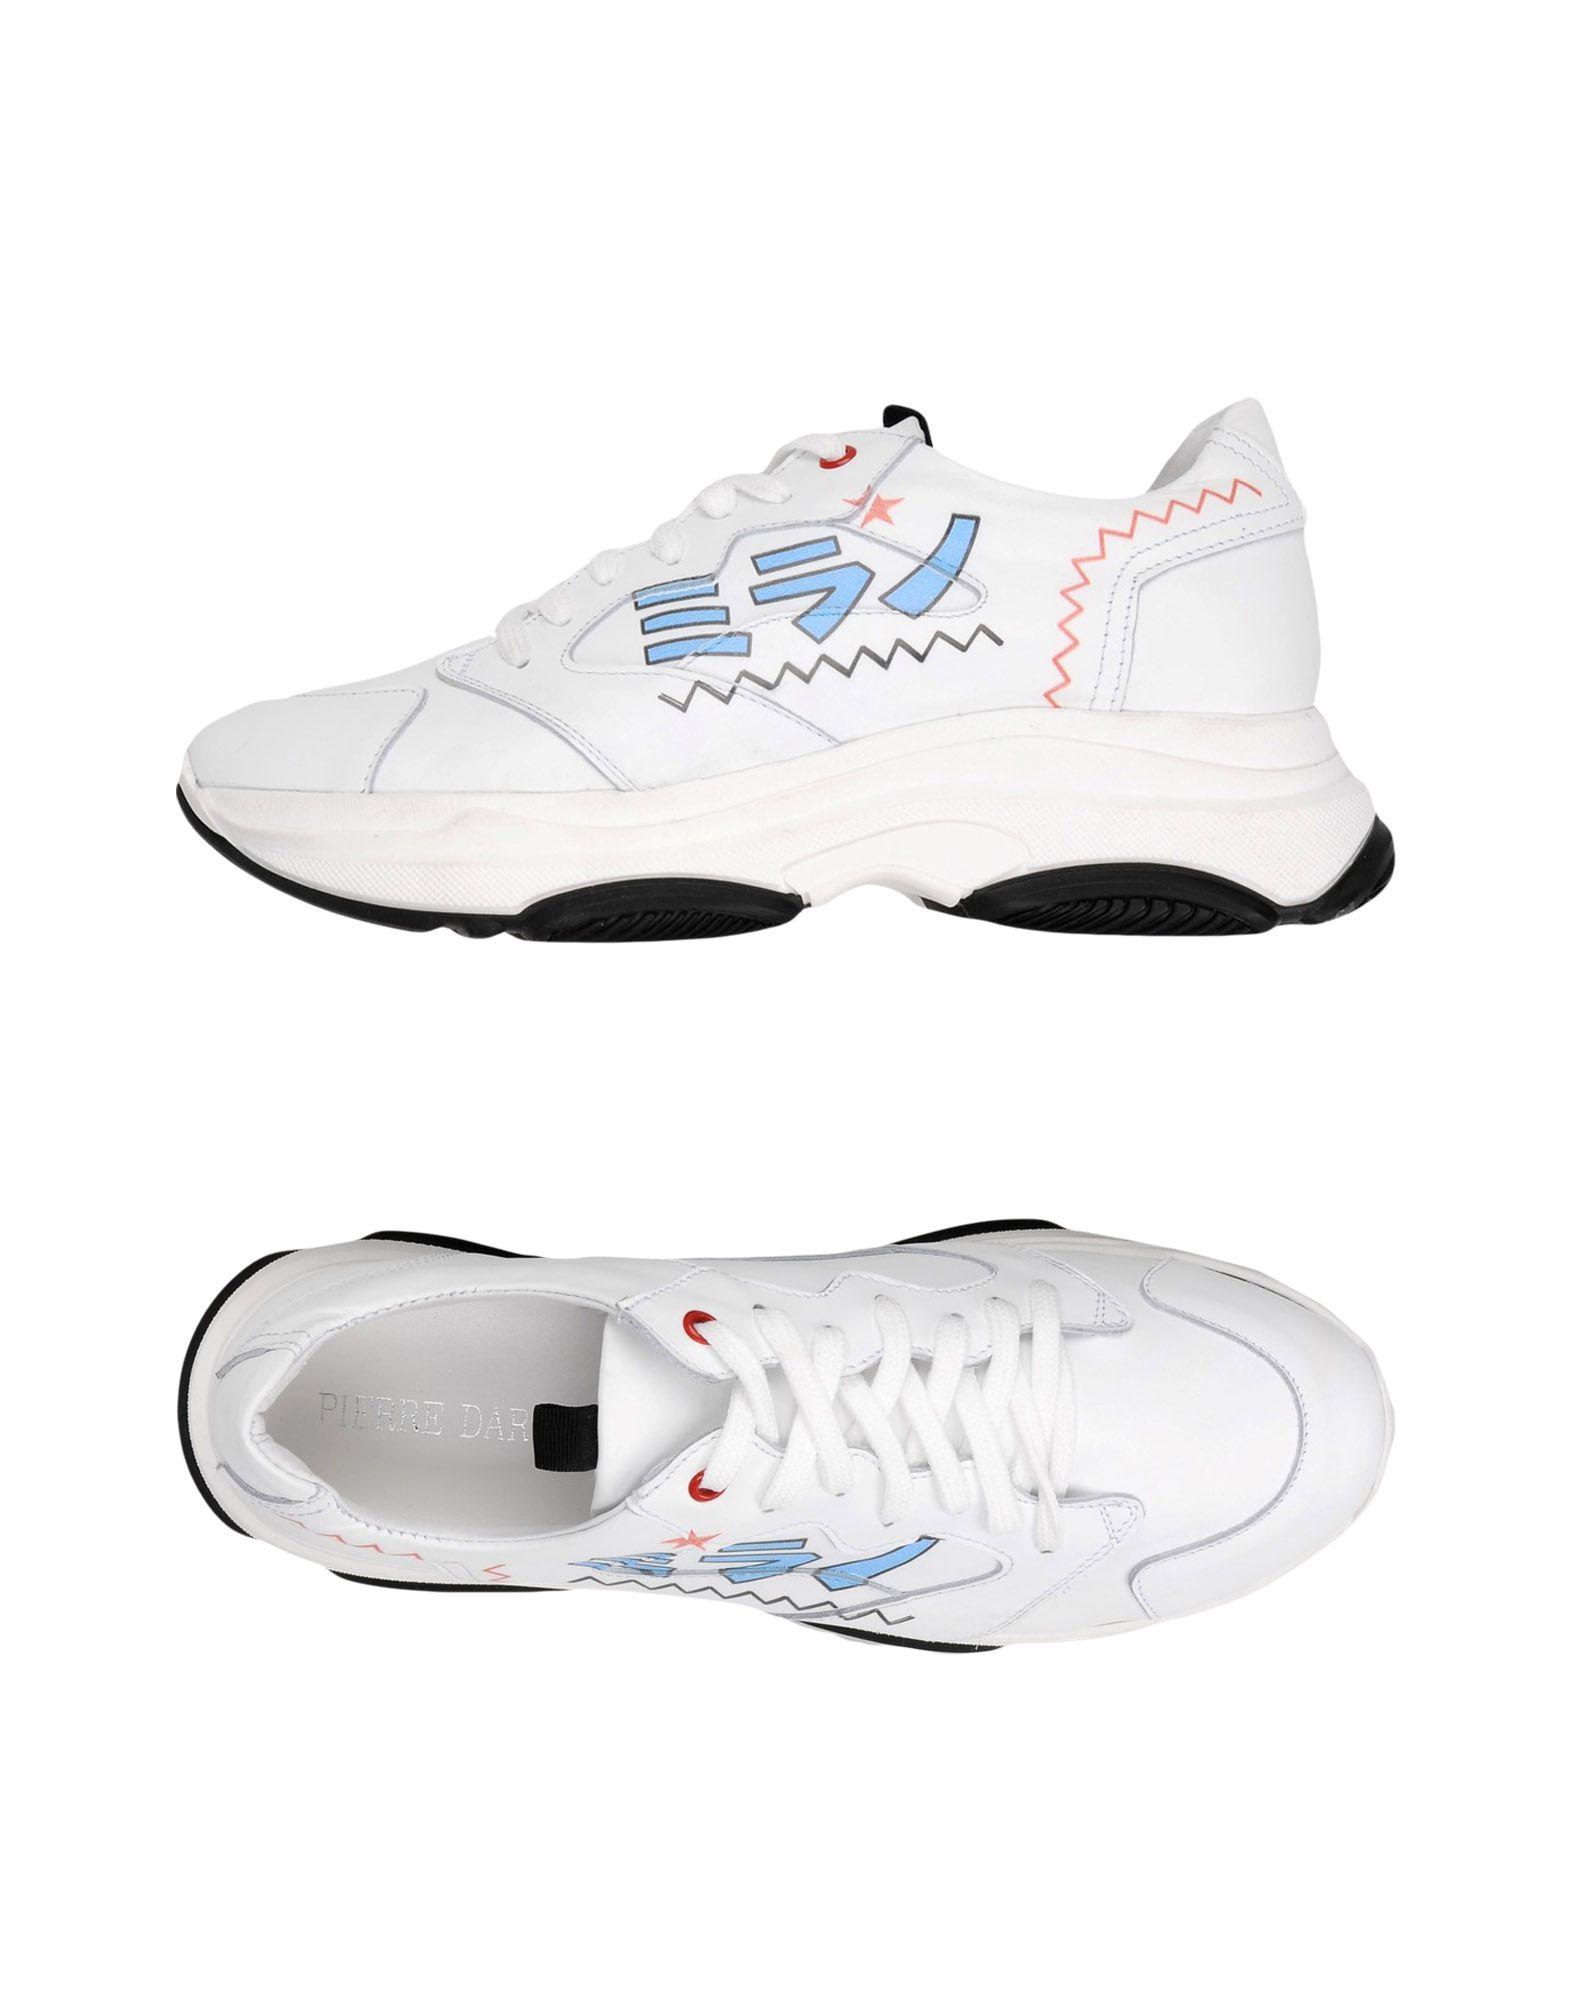 Pierre Darré Sneakers Damen  11435155PU Gute Qualität beliebte Schuhe